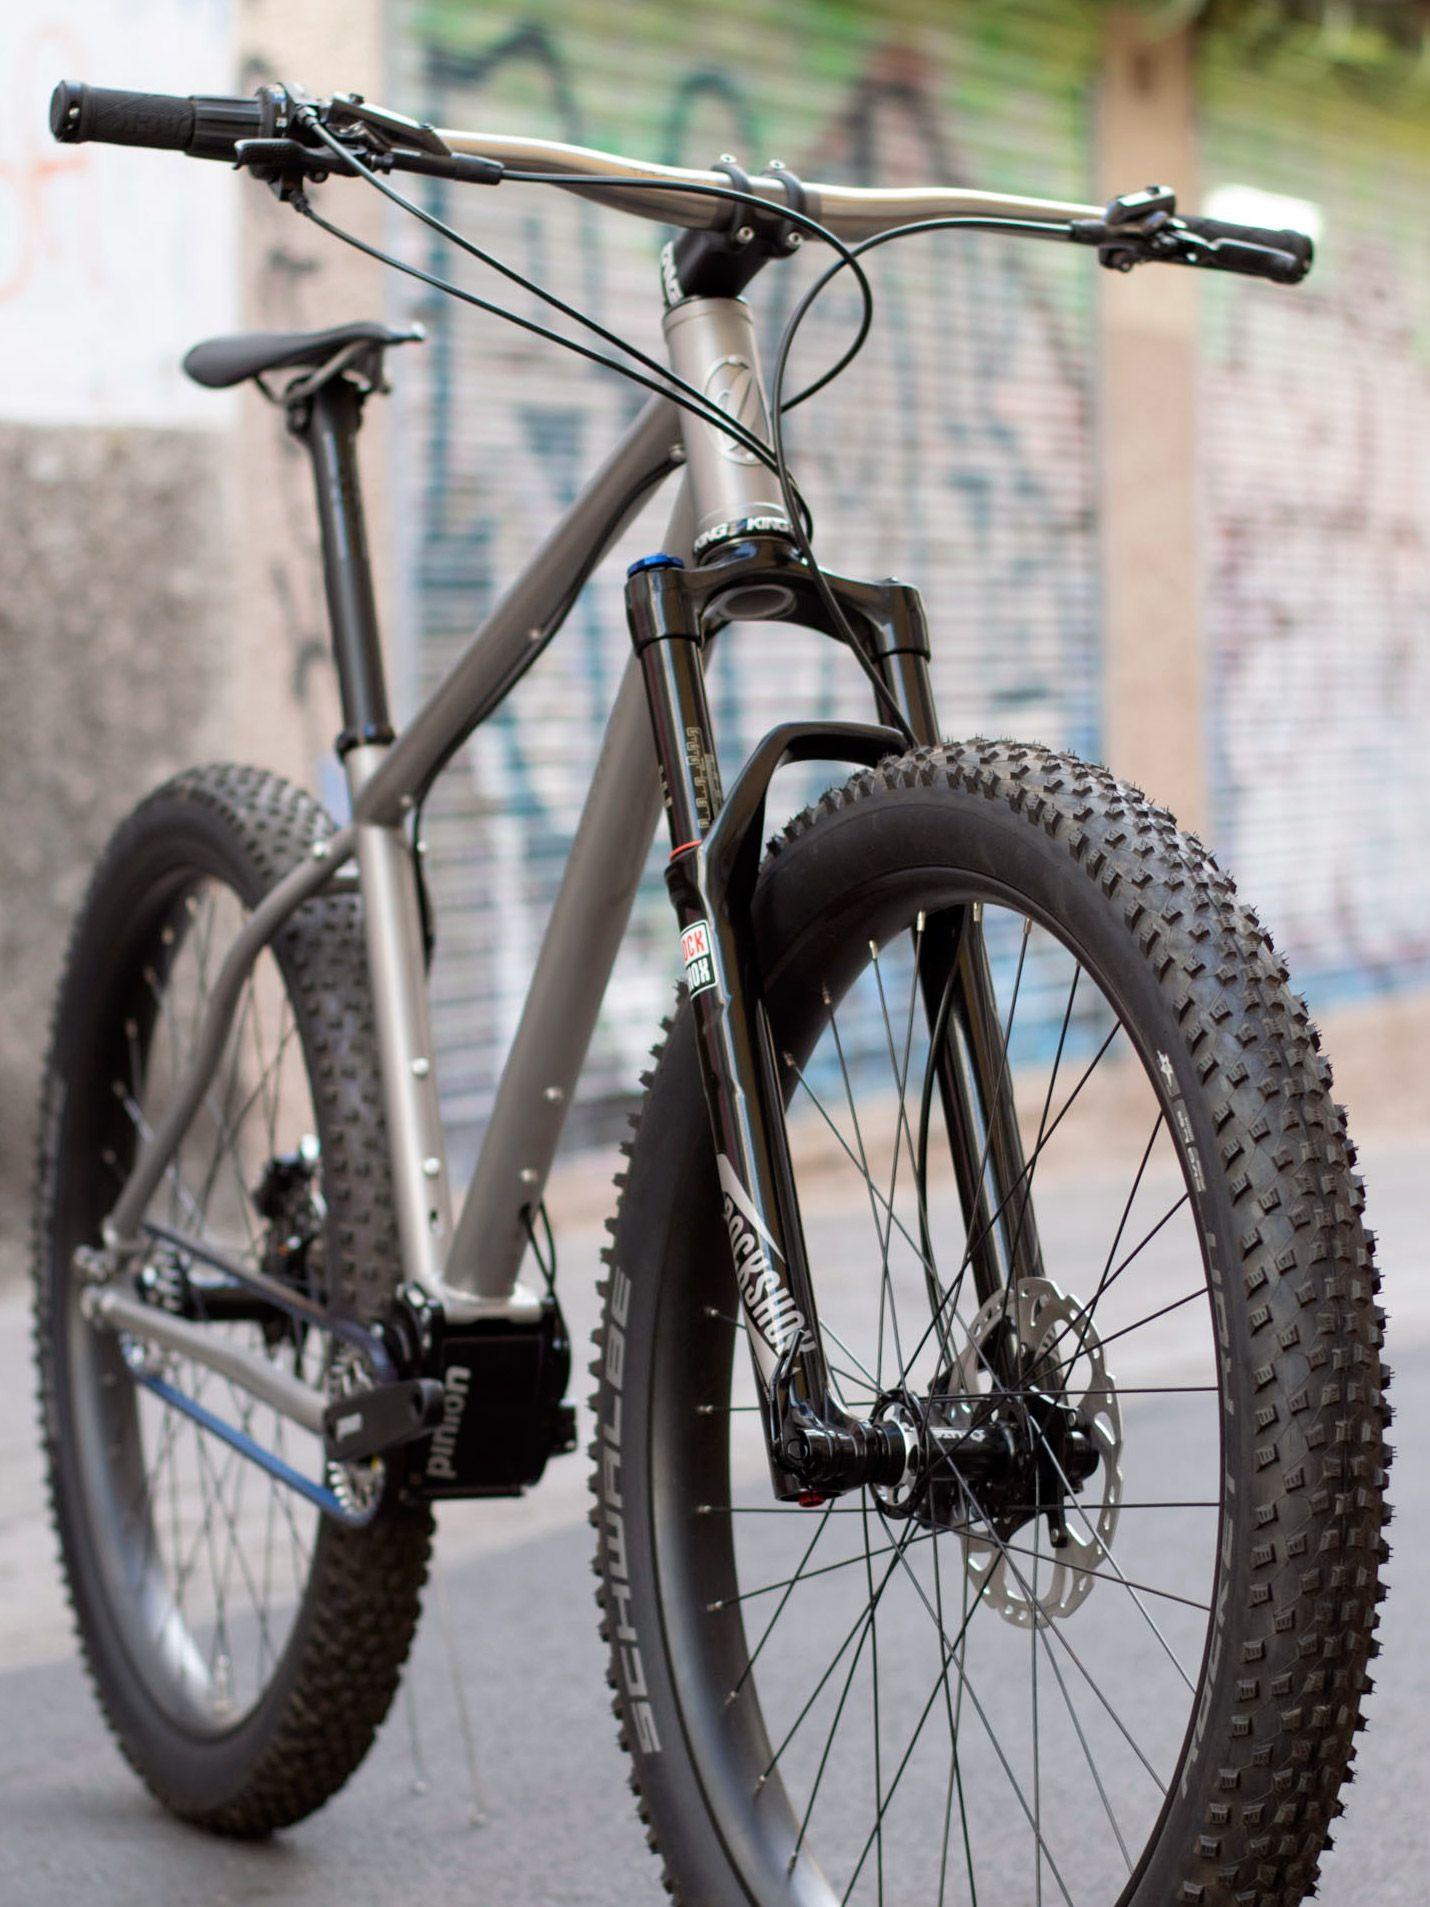 8b959f124 jeronimo-cycles ti-mtb-pinion 275titanium-off-road-adventure-hardtail -mountain-bike 3-4-detail